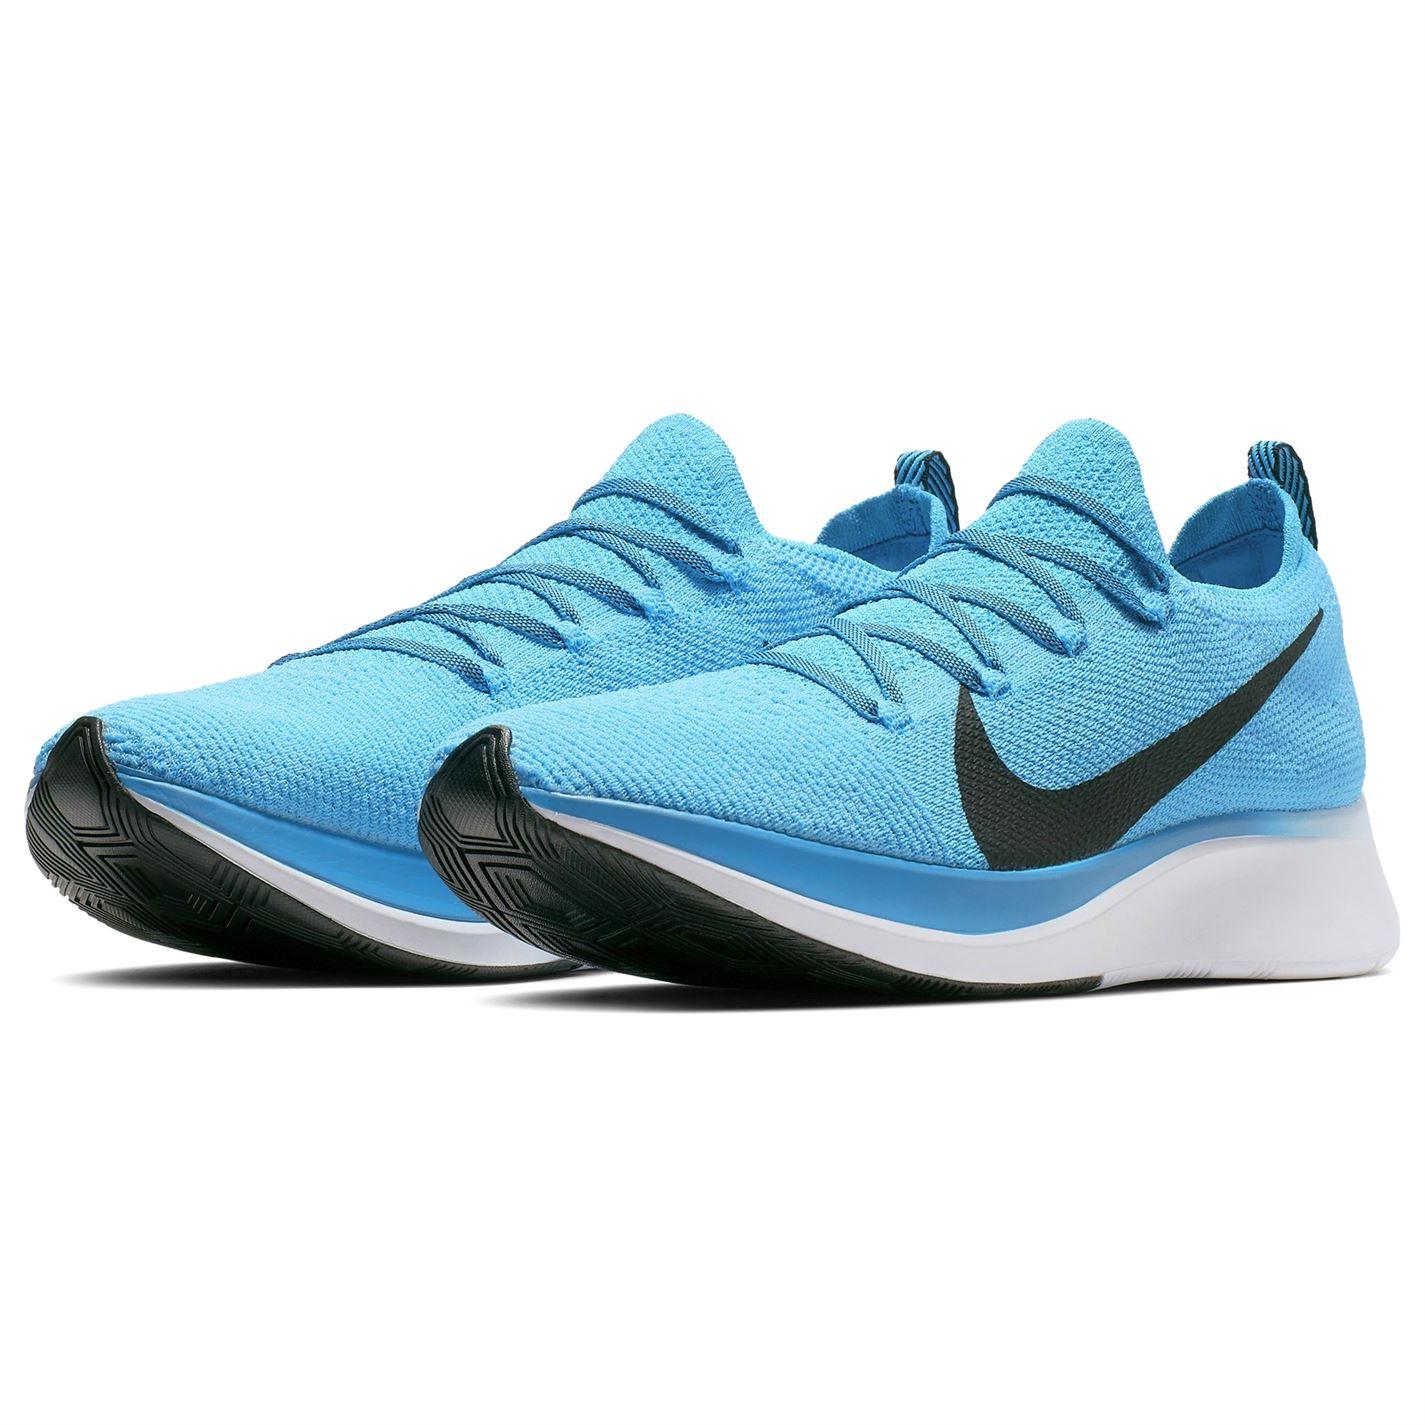 Nike Zoom Fly Flyknit pánske bežecké topánky